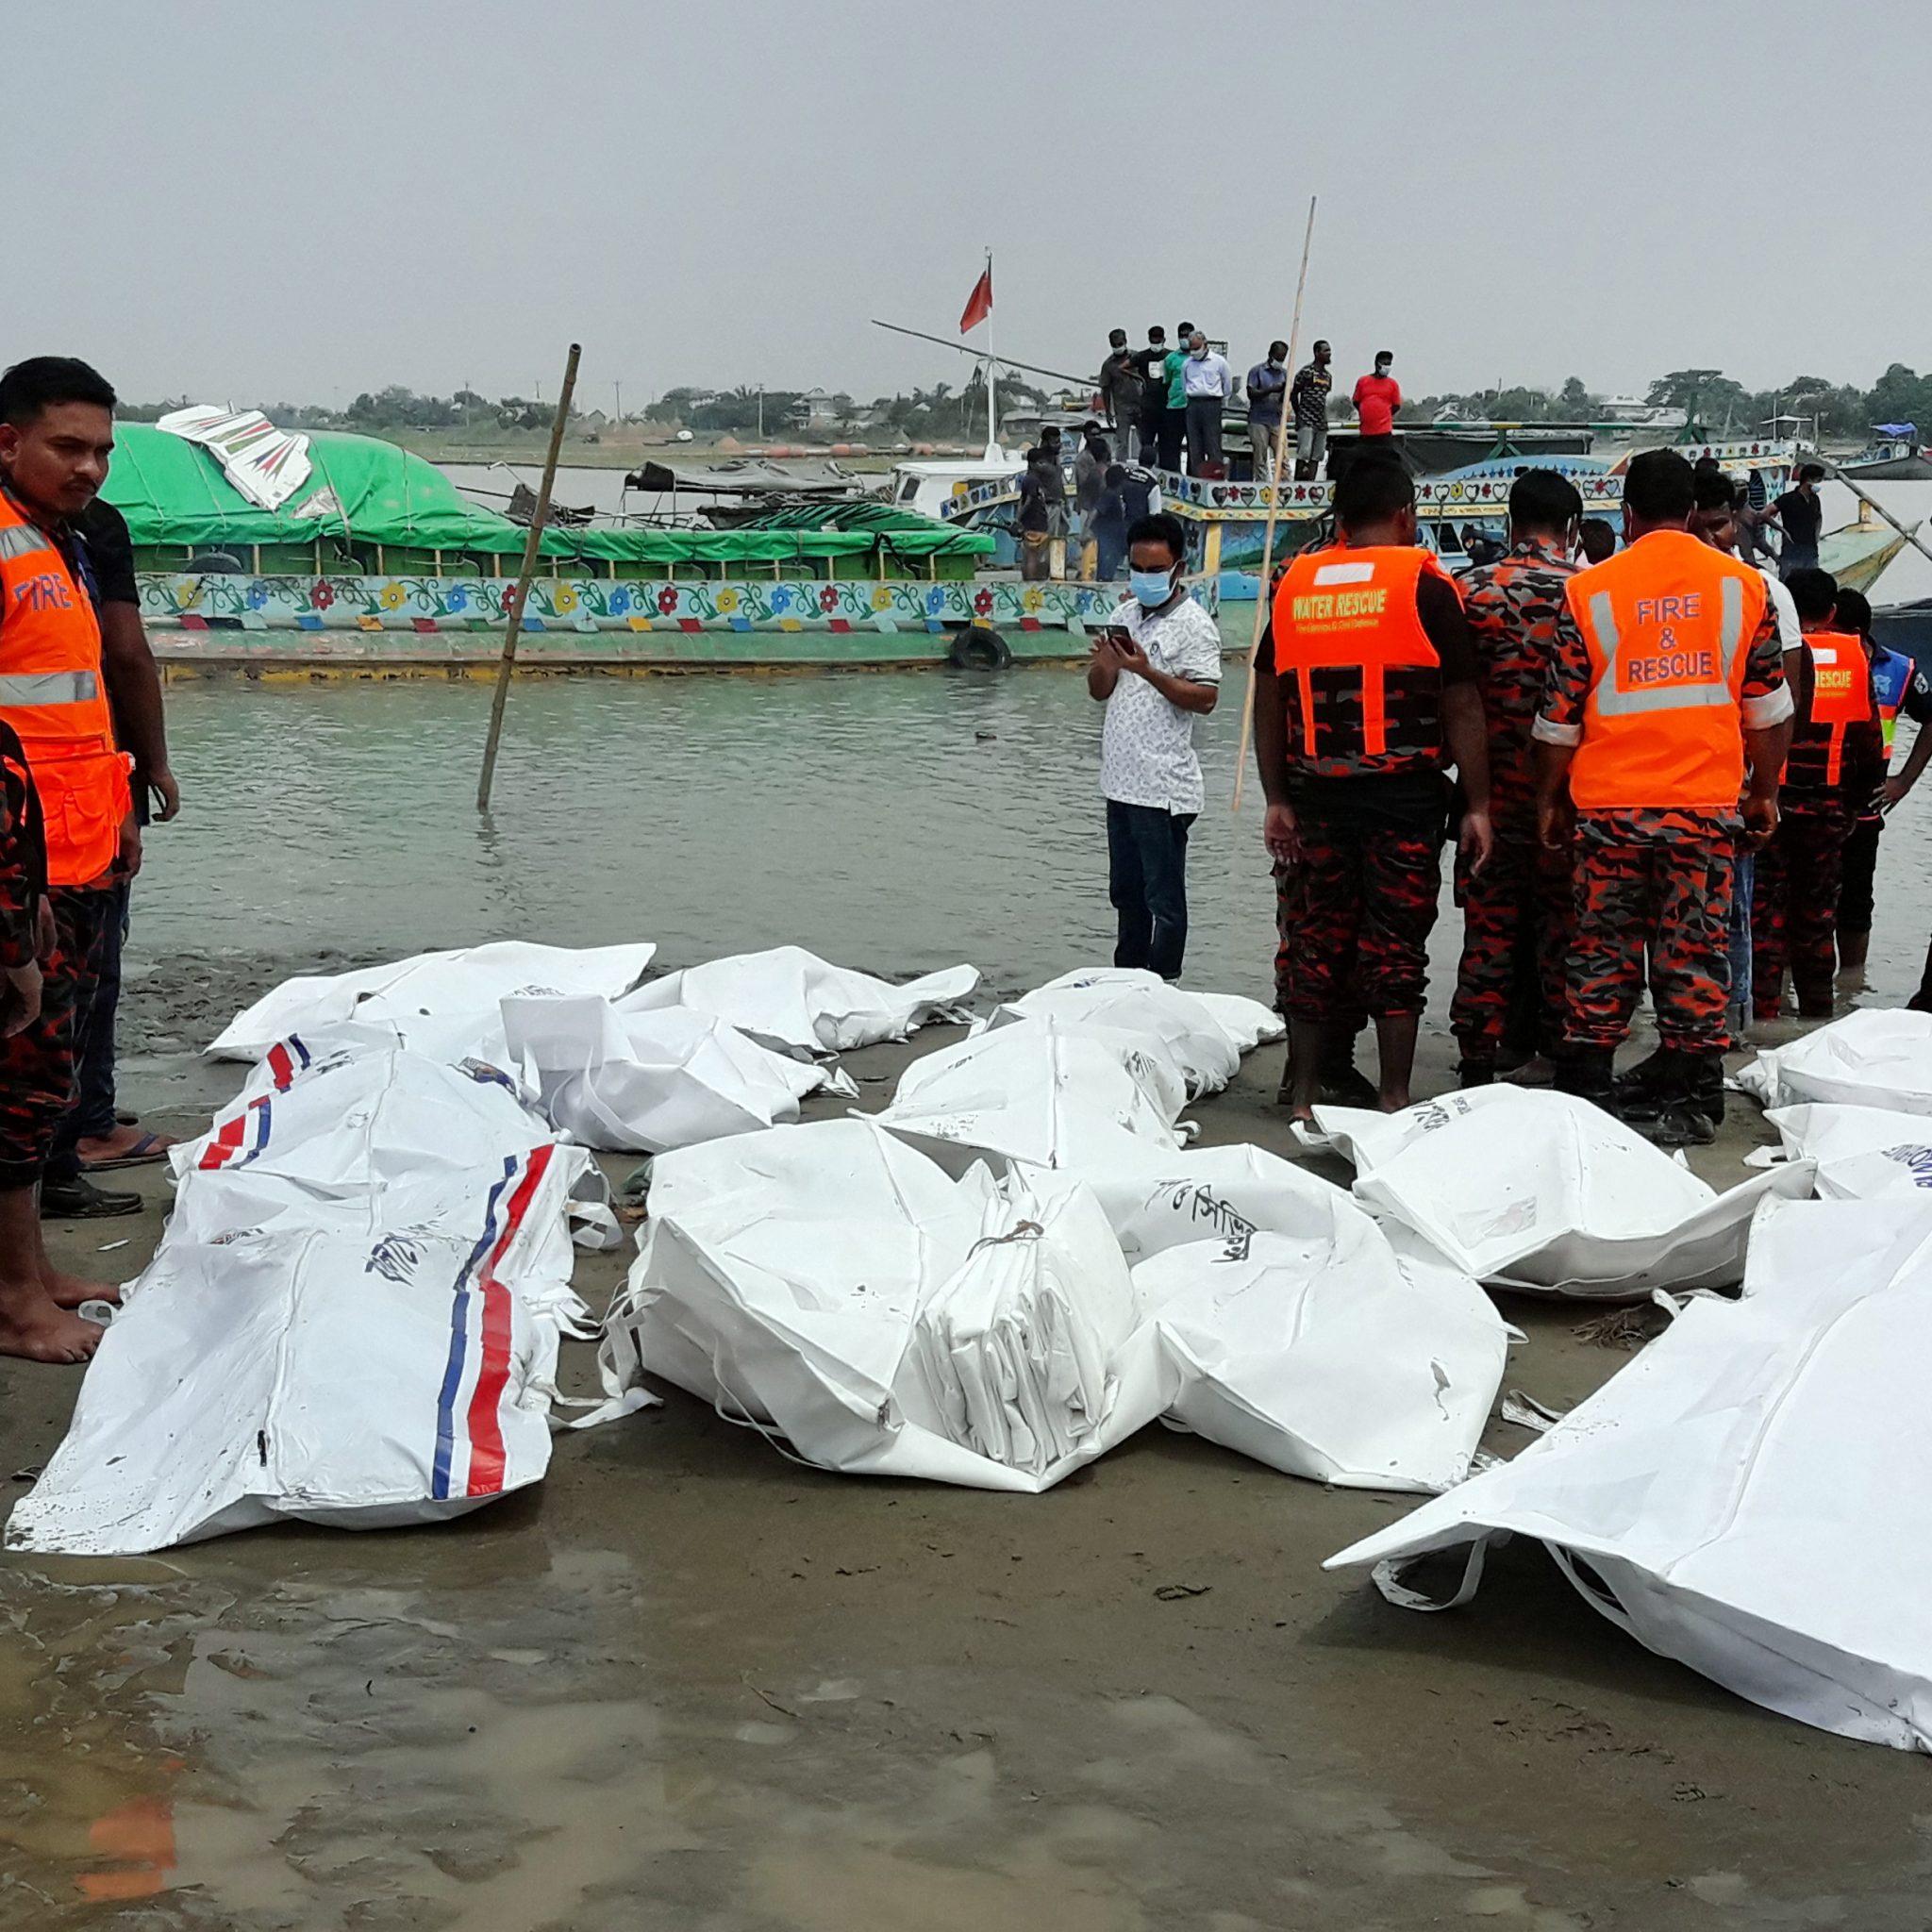 De lichamen van de slachtoffers worden geborgen door reddingswerkers (Foto ANP / STR)